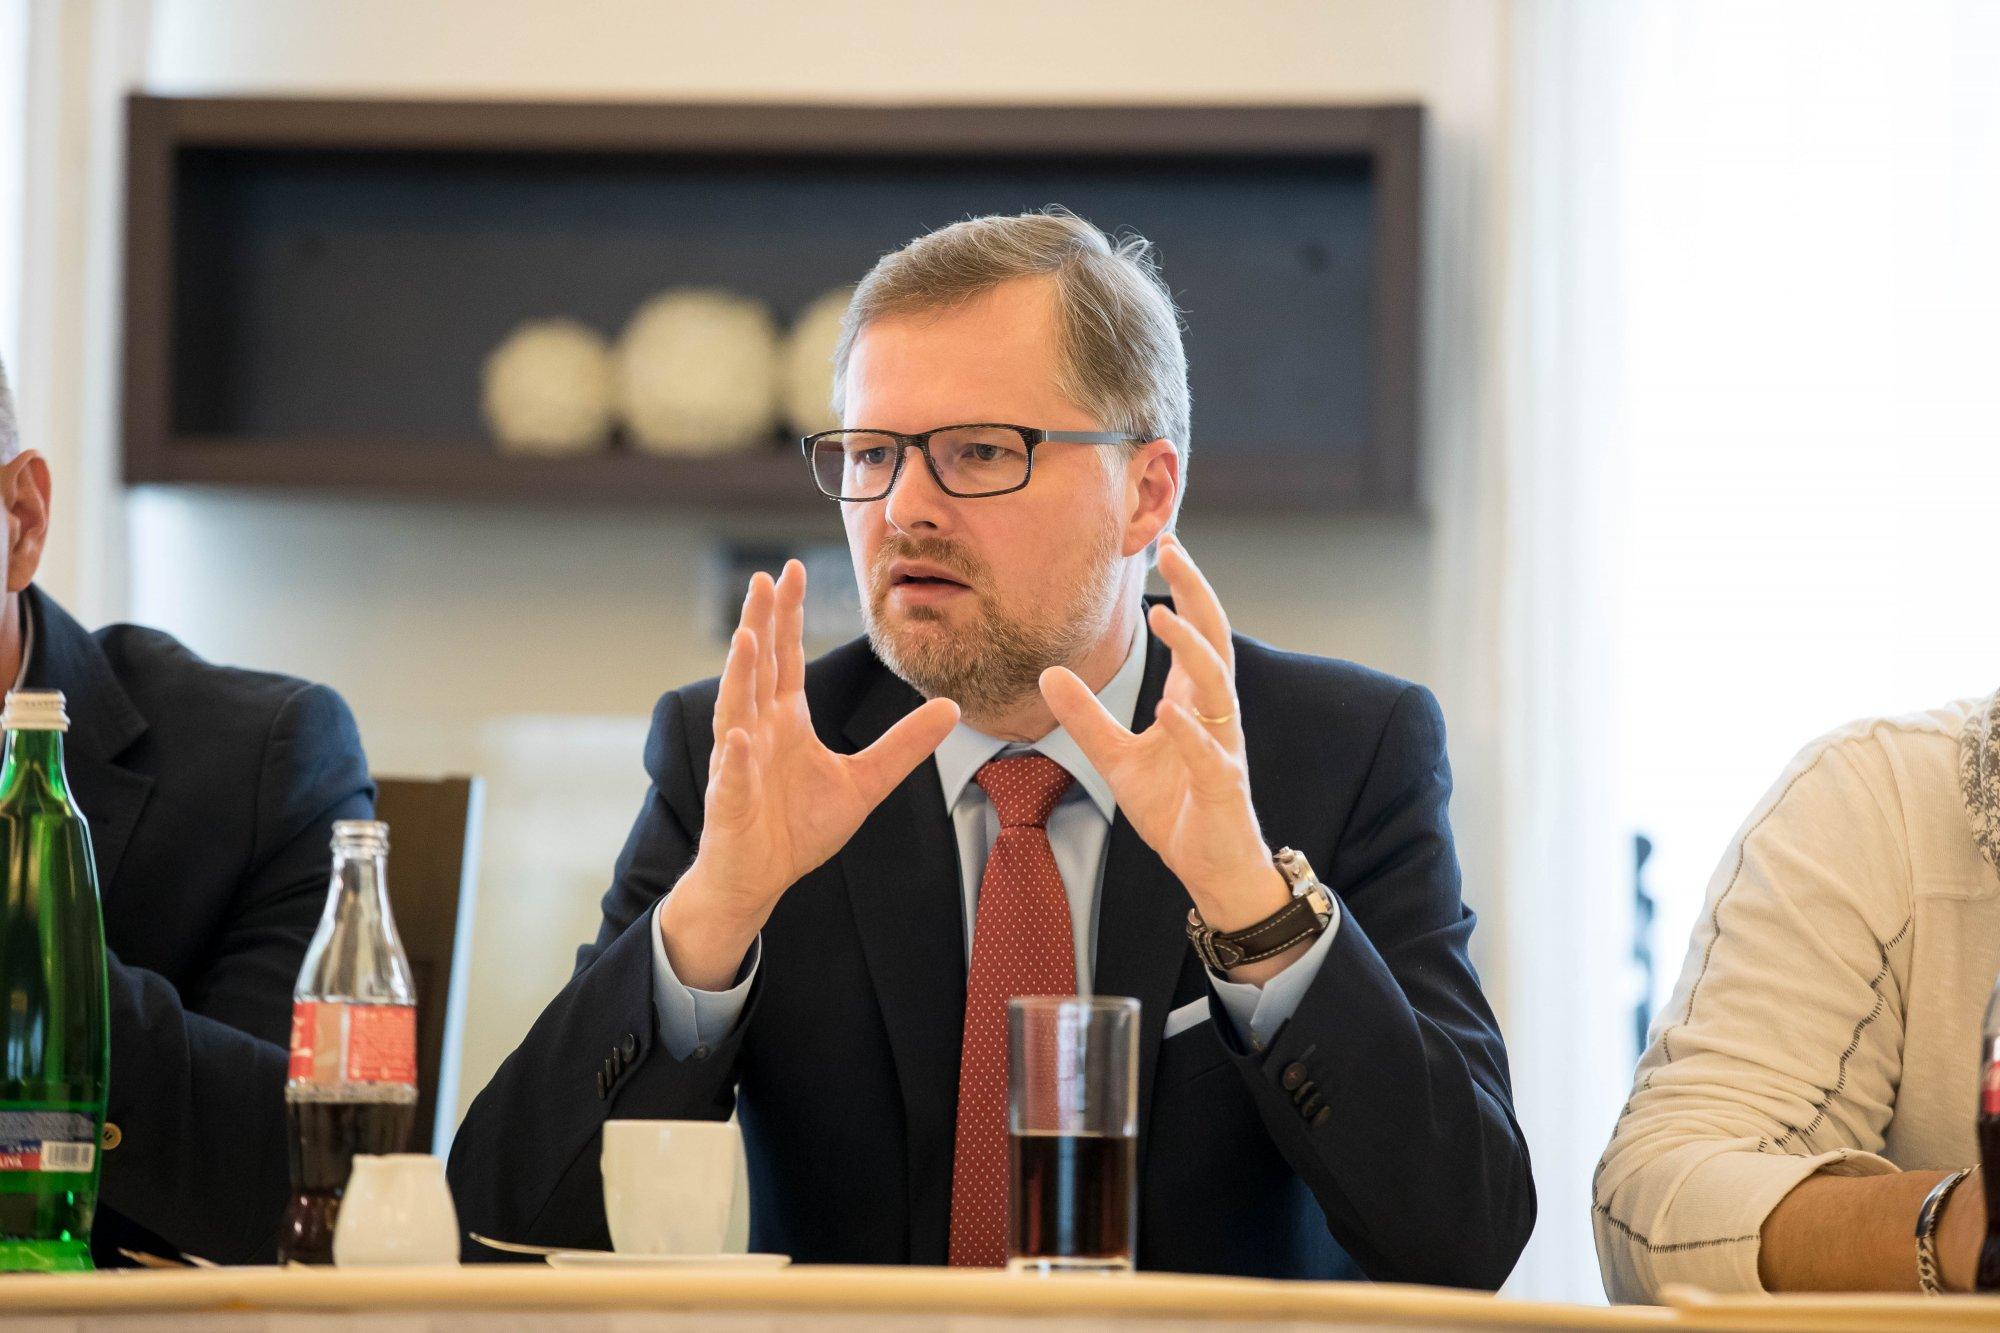 Petr Fiala: Premiér Babiš neumí sestavit vládu s důvěrou, Ministerstvo financí zase rozumný rozpočet